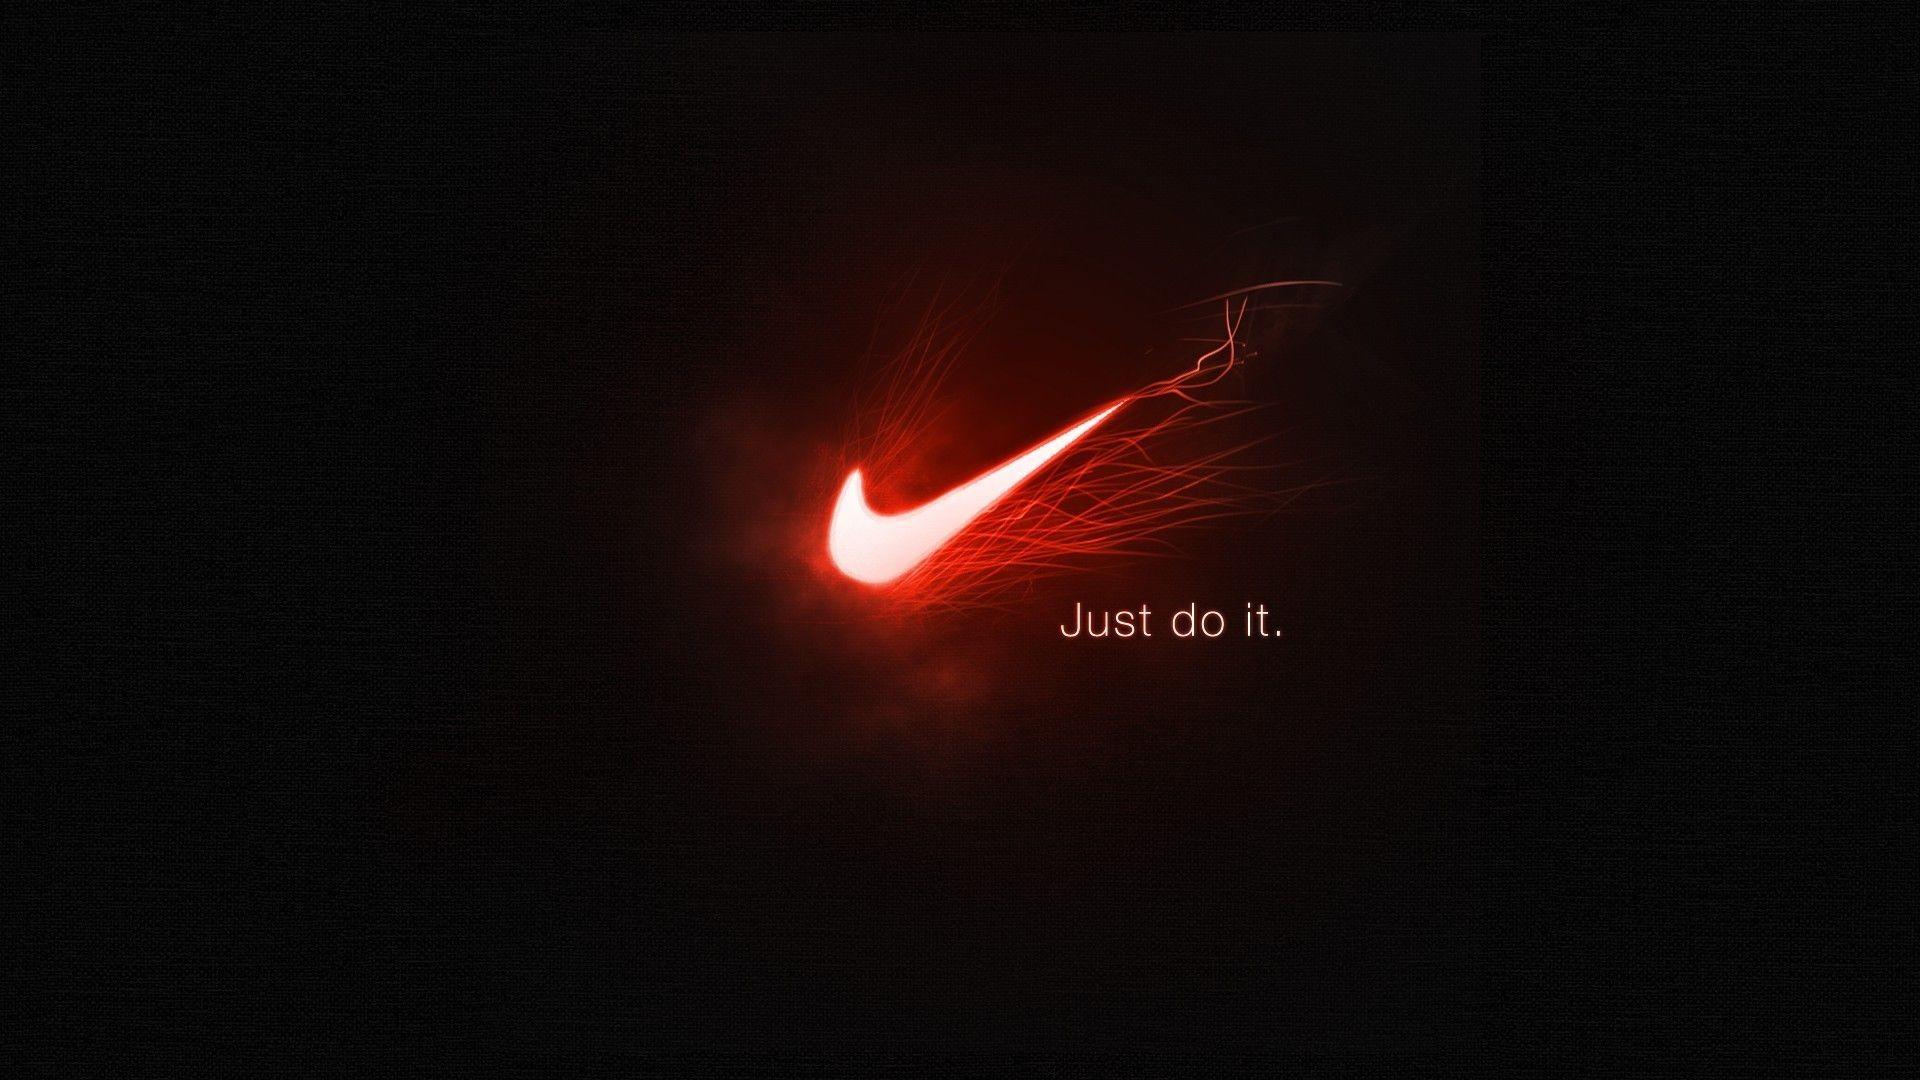 HD-Nike-3D-Background